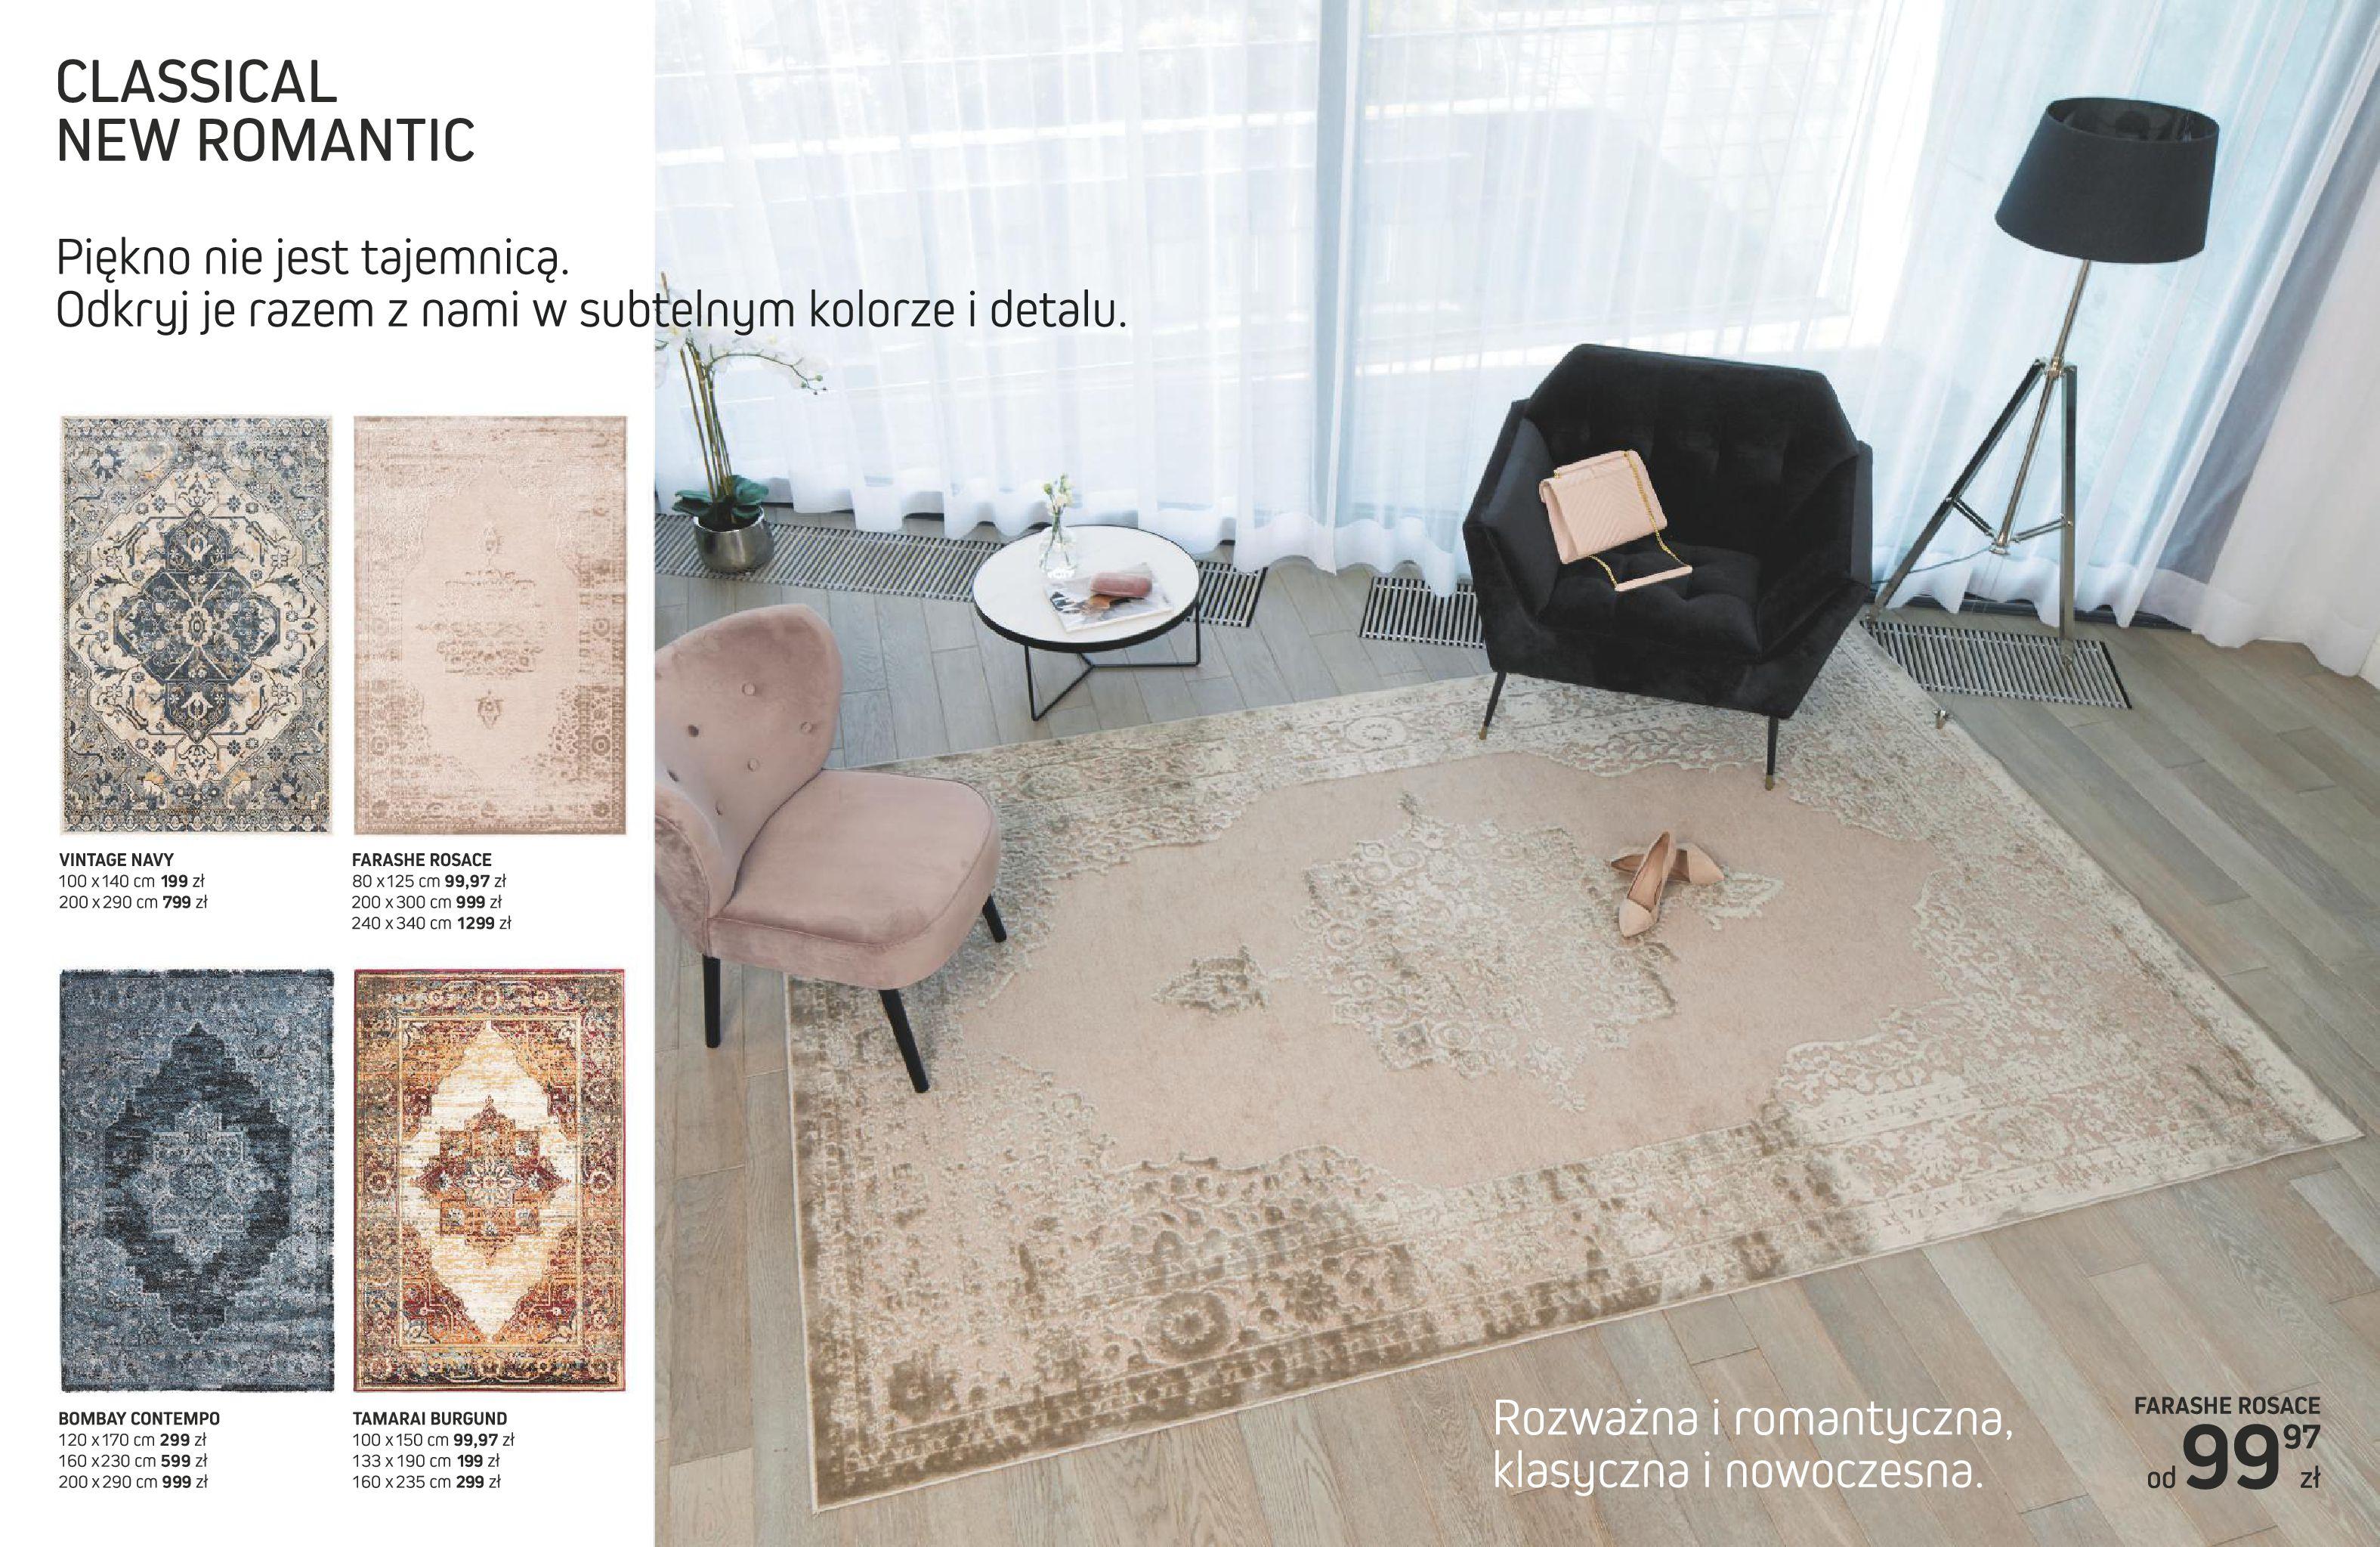 Gazetka Komfort - Katalog dywanowy-21.10.2018-19.12.2018-page-